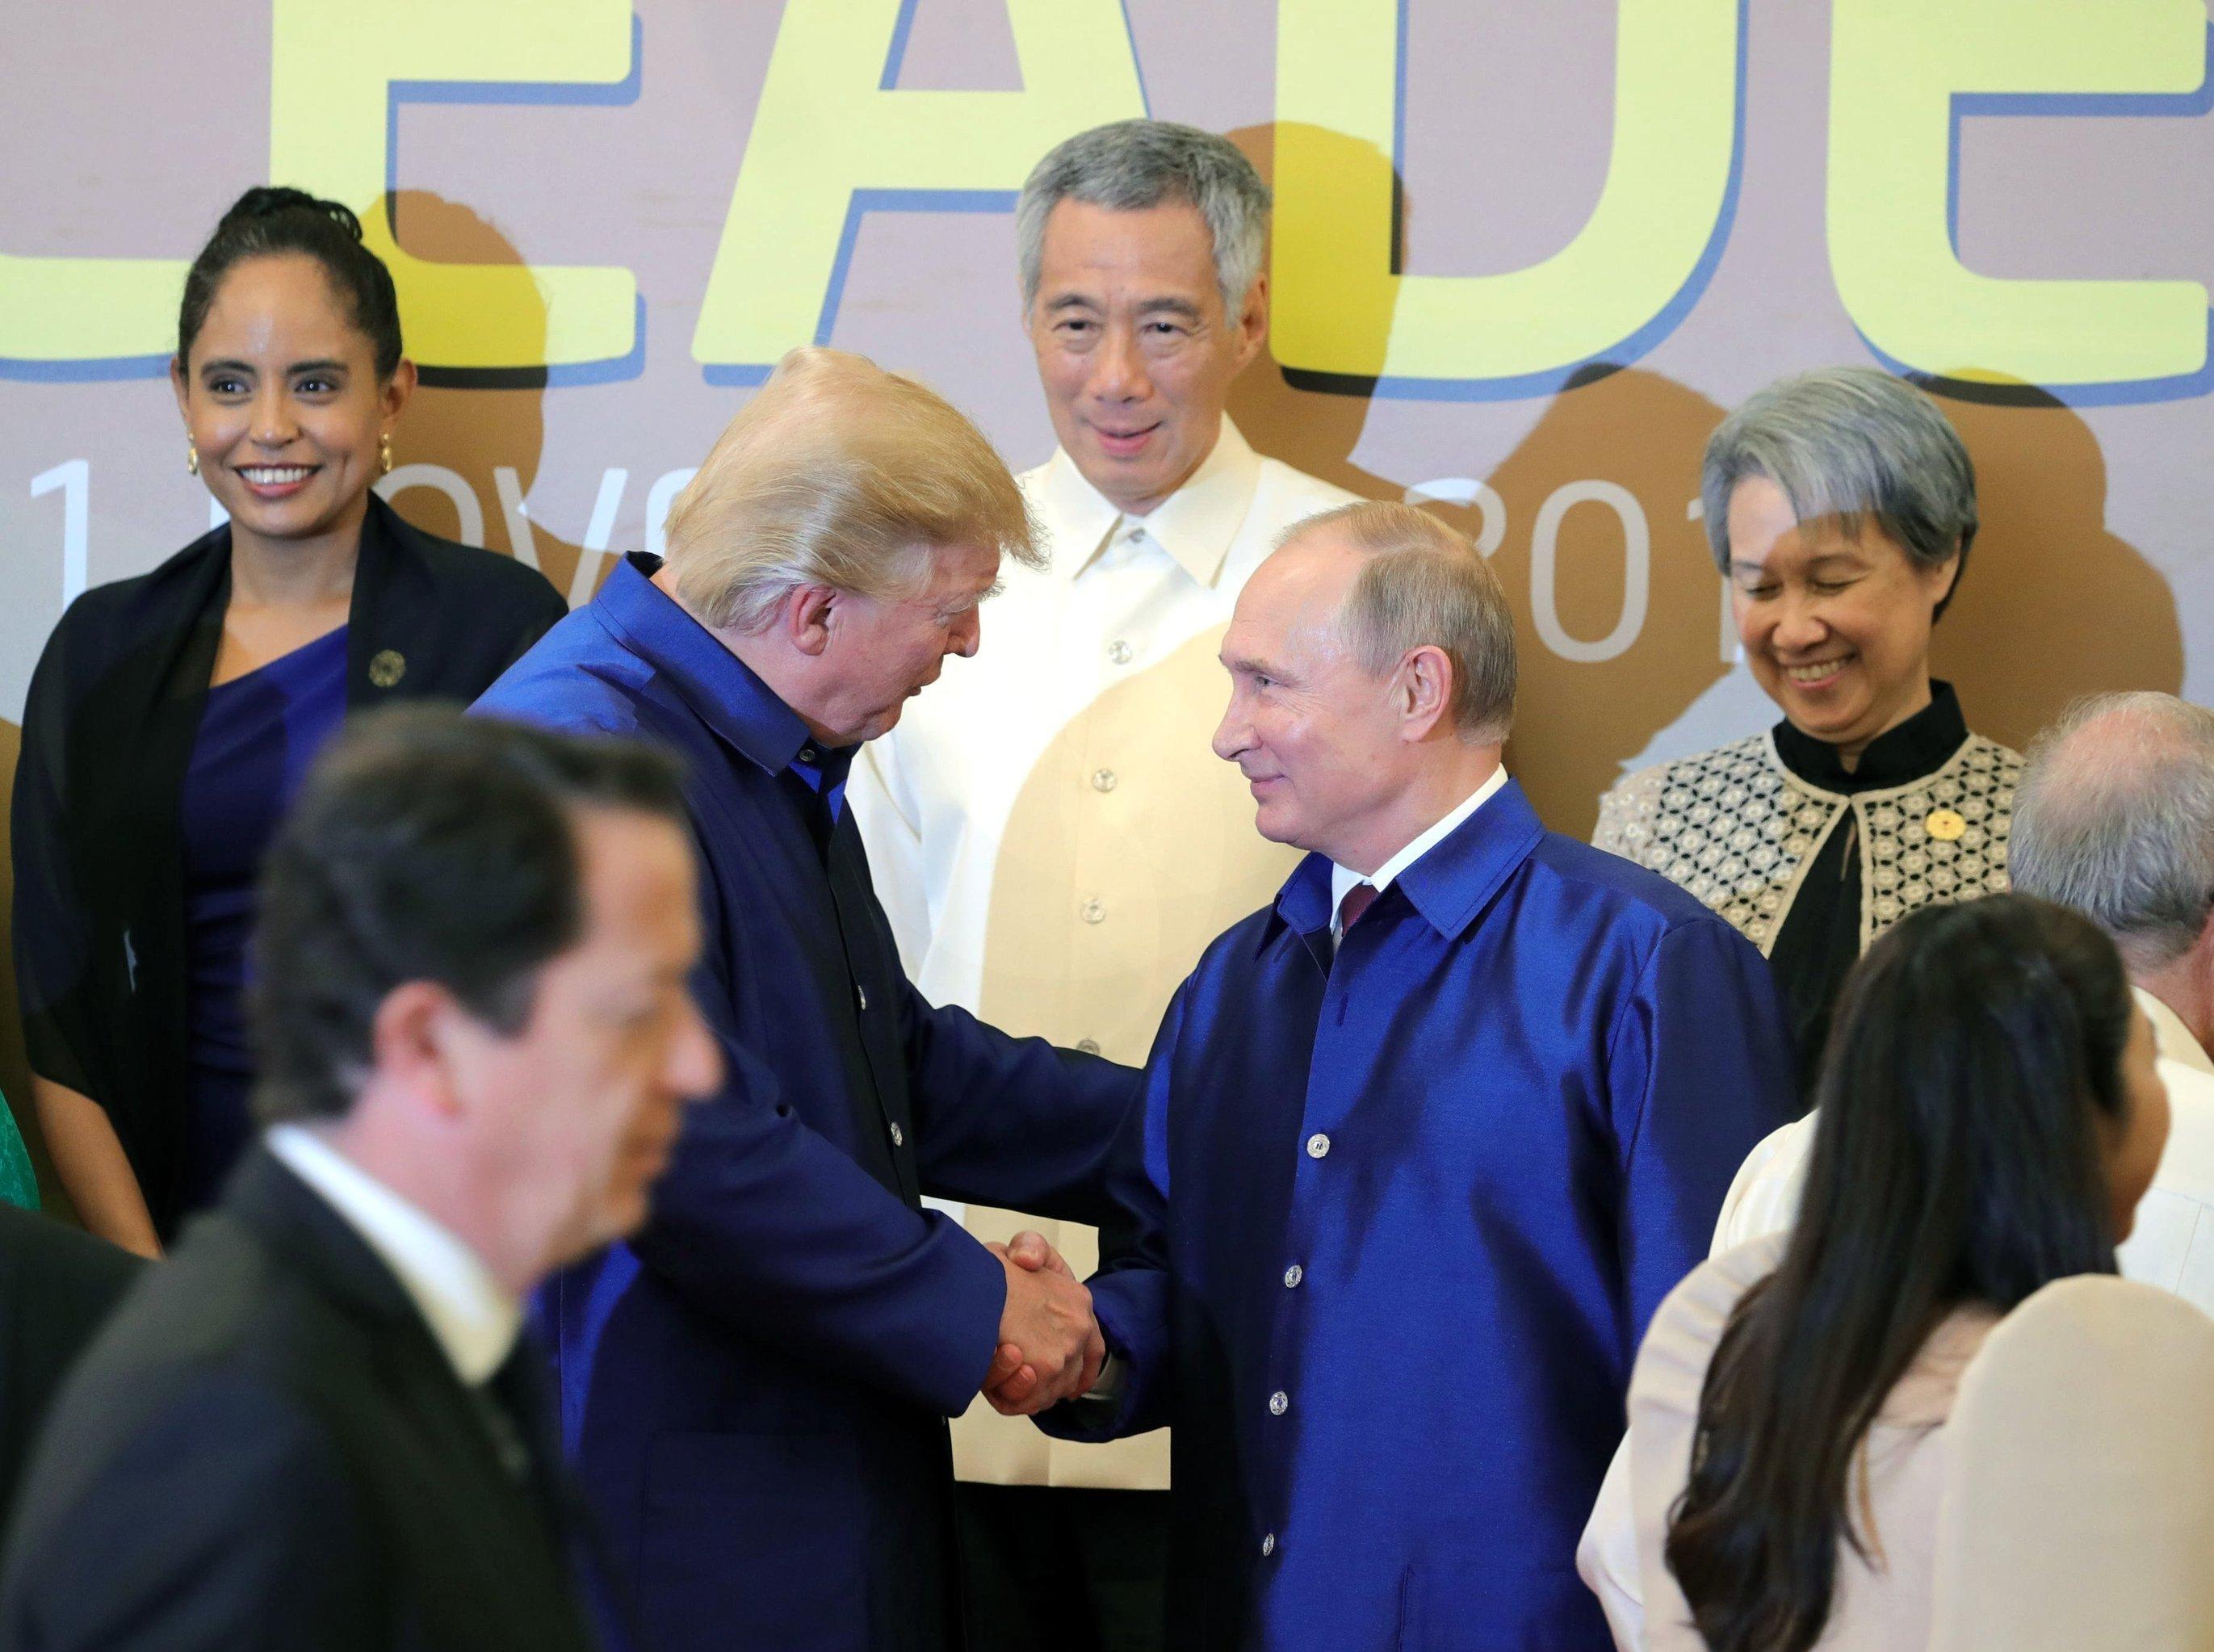 Vladimir Poutine et Donald Trump lors du sommet de l'APEC au Vietnam